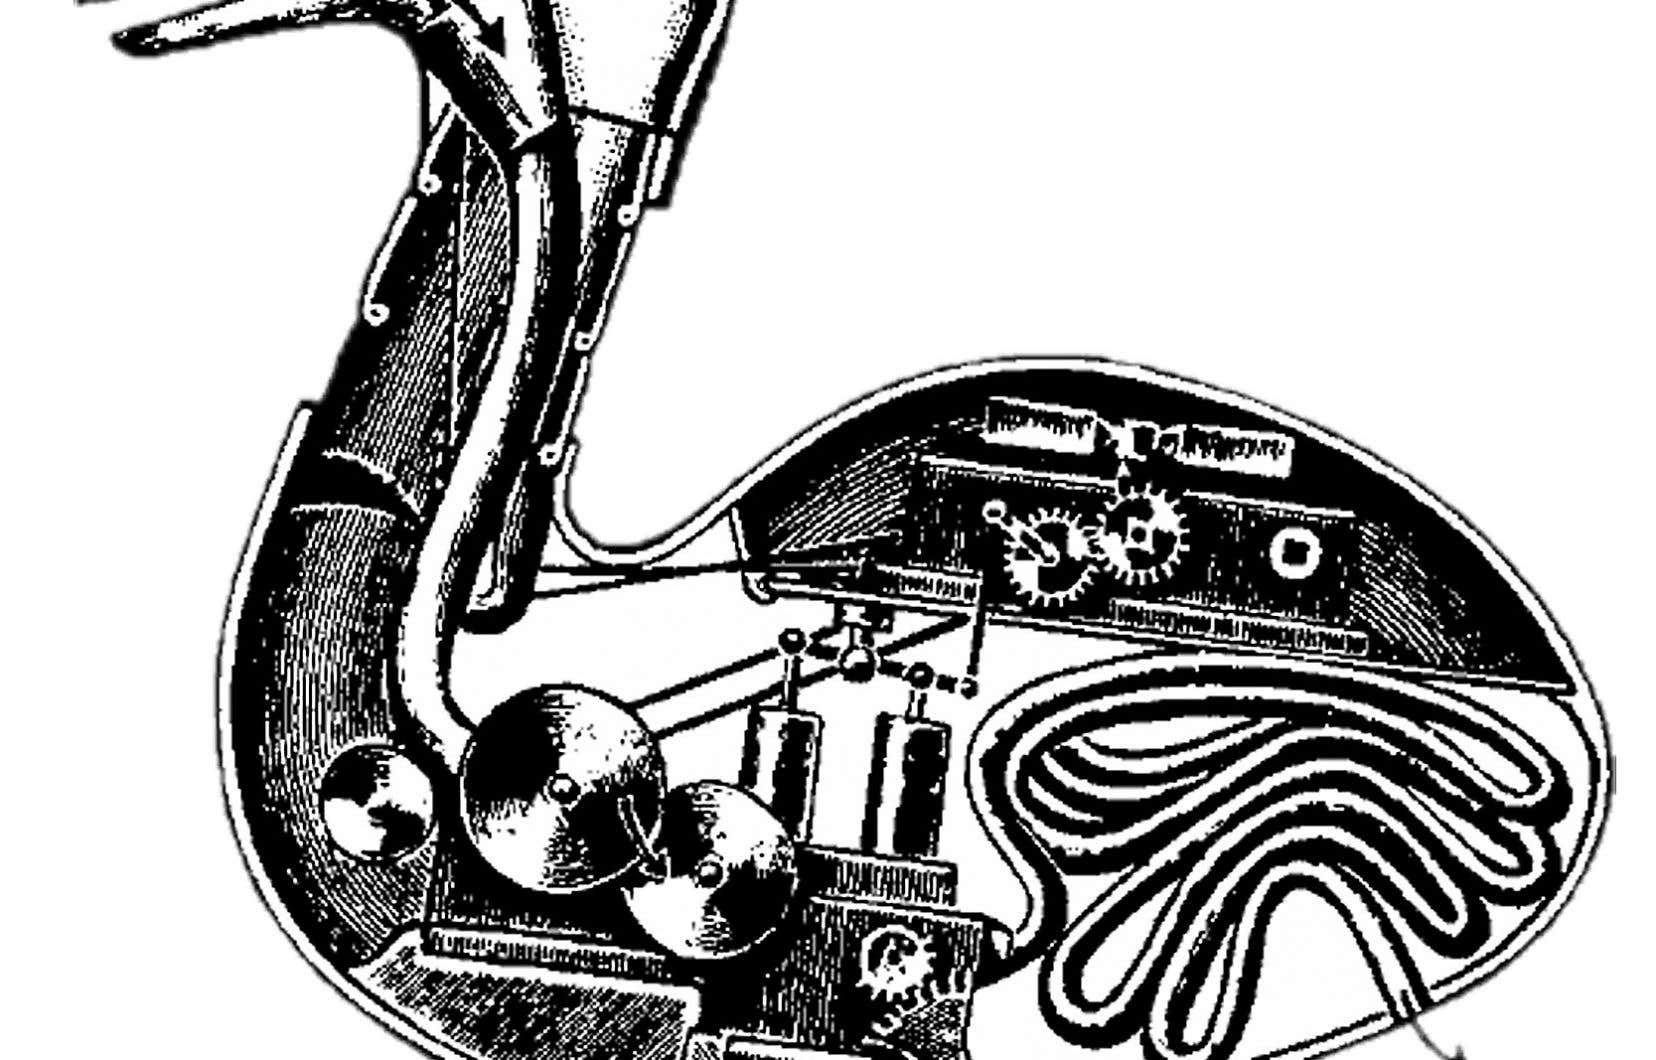 Le canard-machine pensé par Vaucanson en 1738